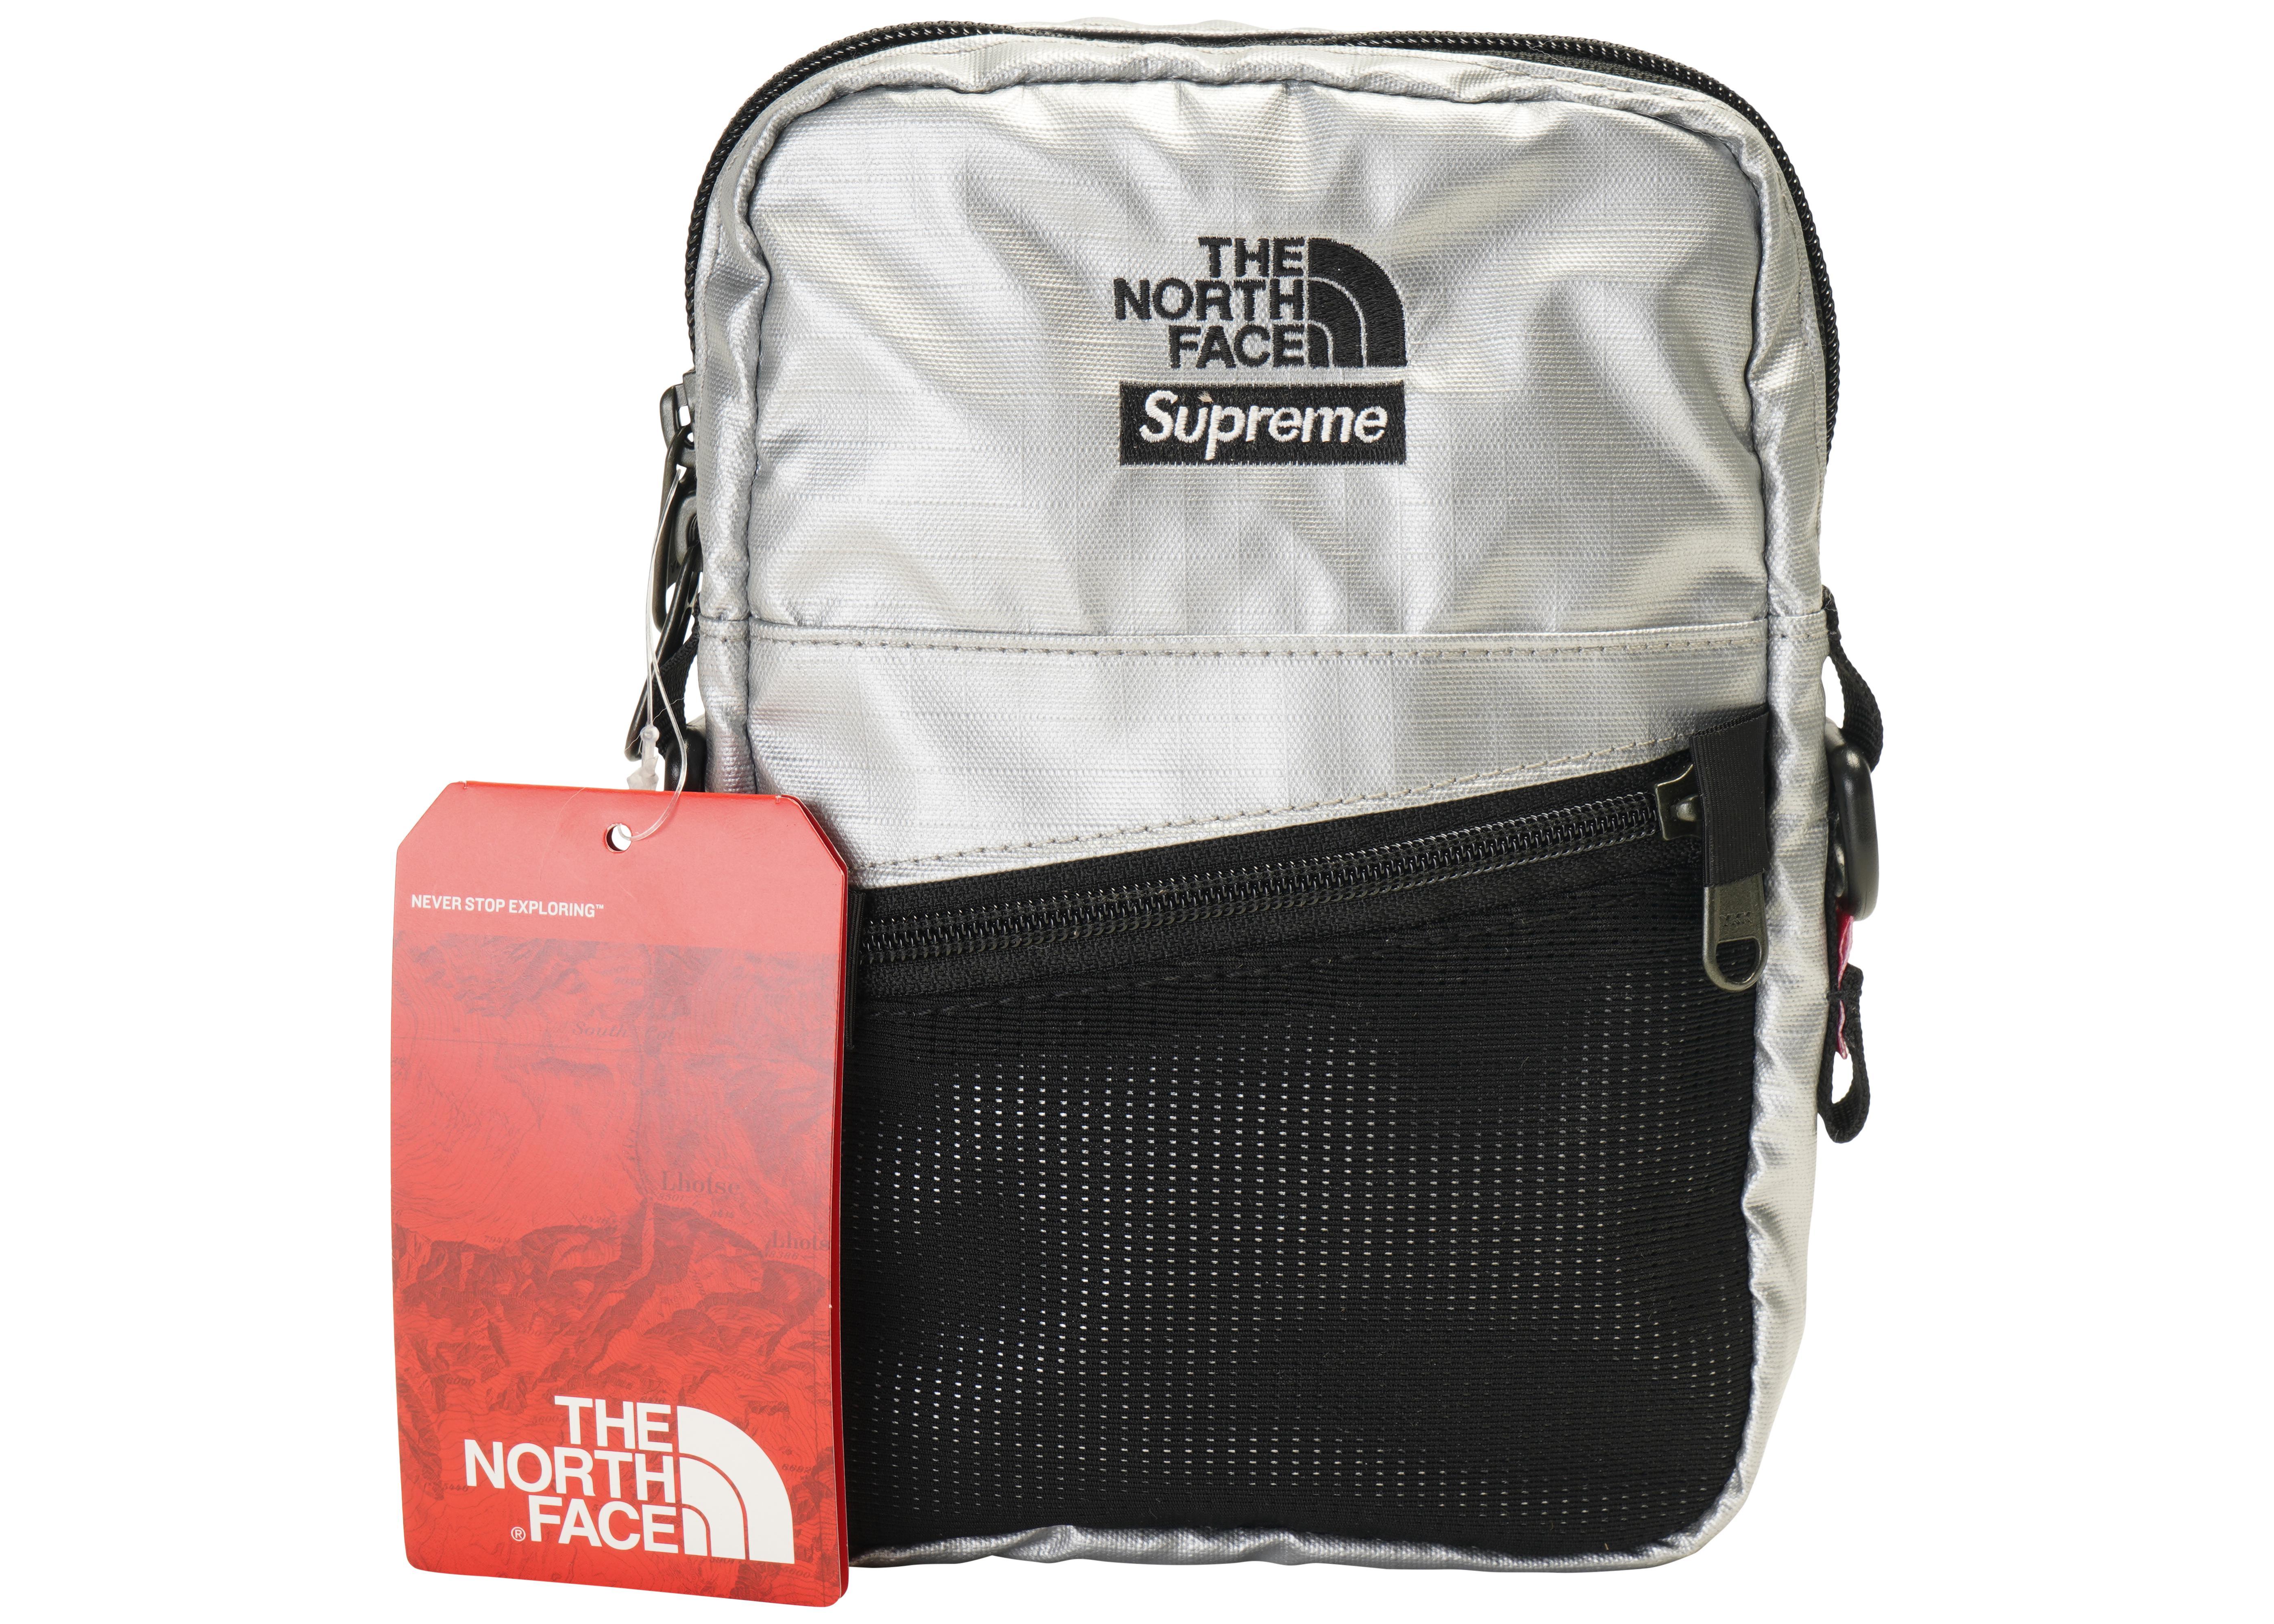 52bd72e1 Supreme North Face Rose Gold Shoulder Bag